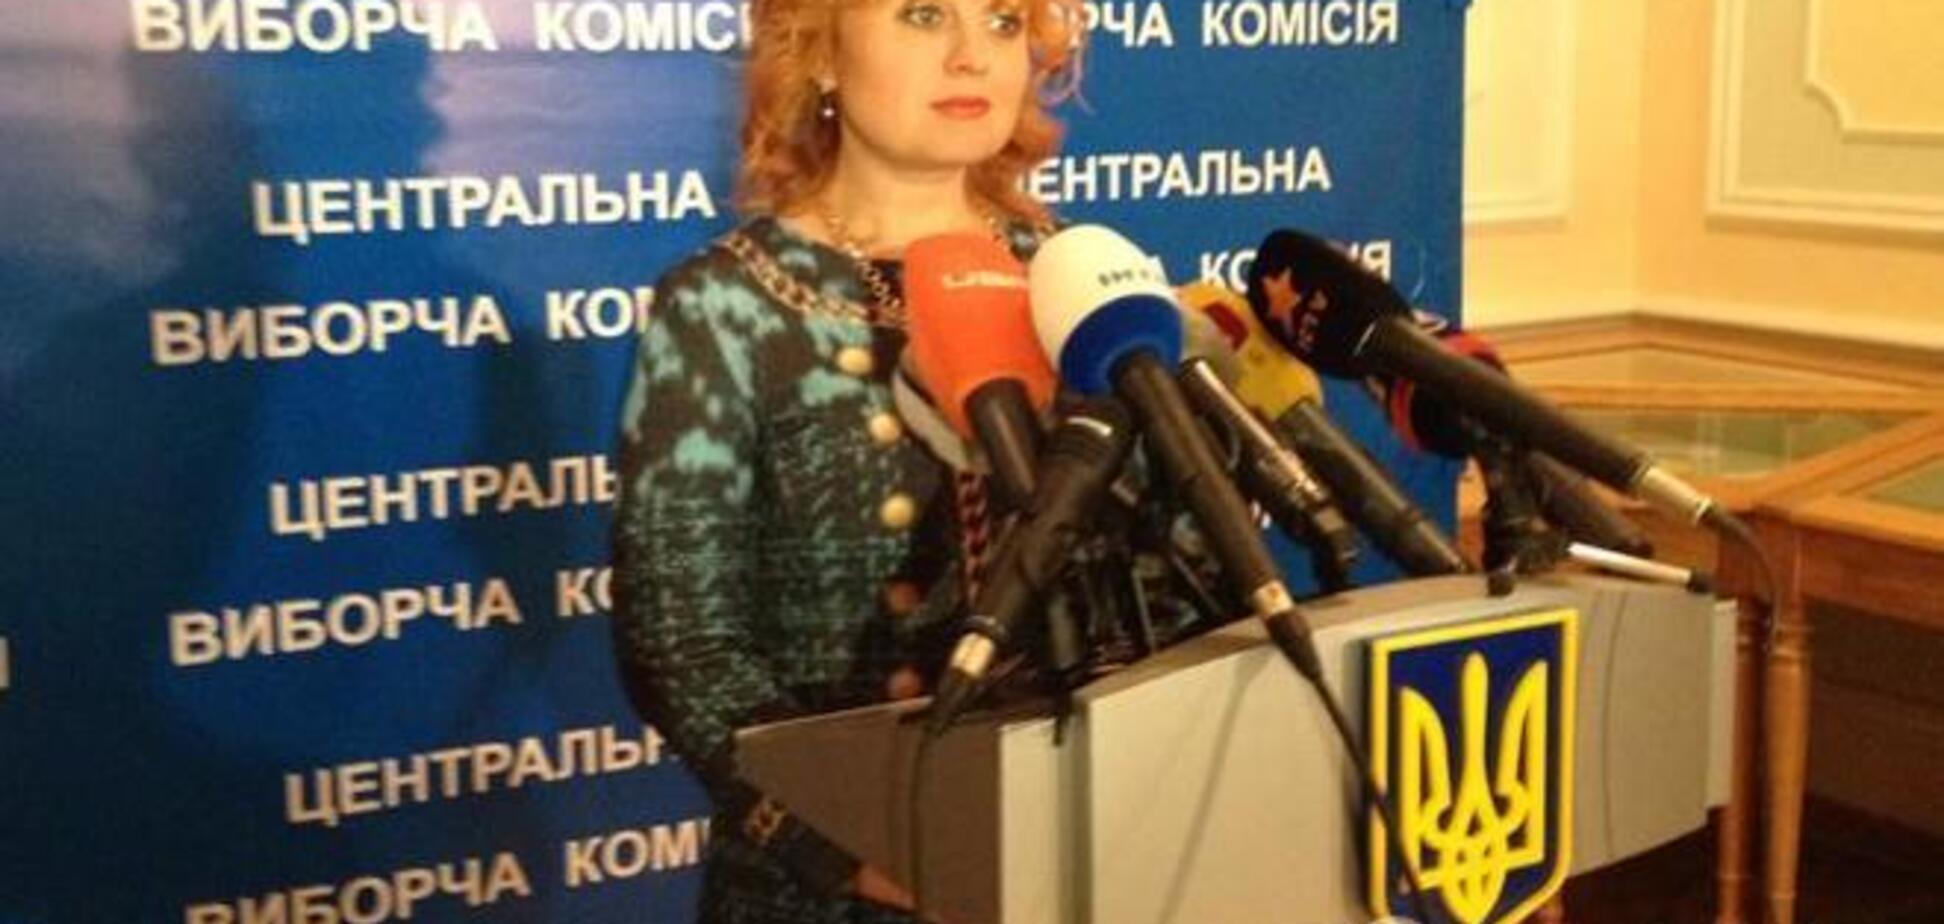 Глава 45-го округа рассказала, как прошли выборы в Славянске